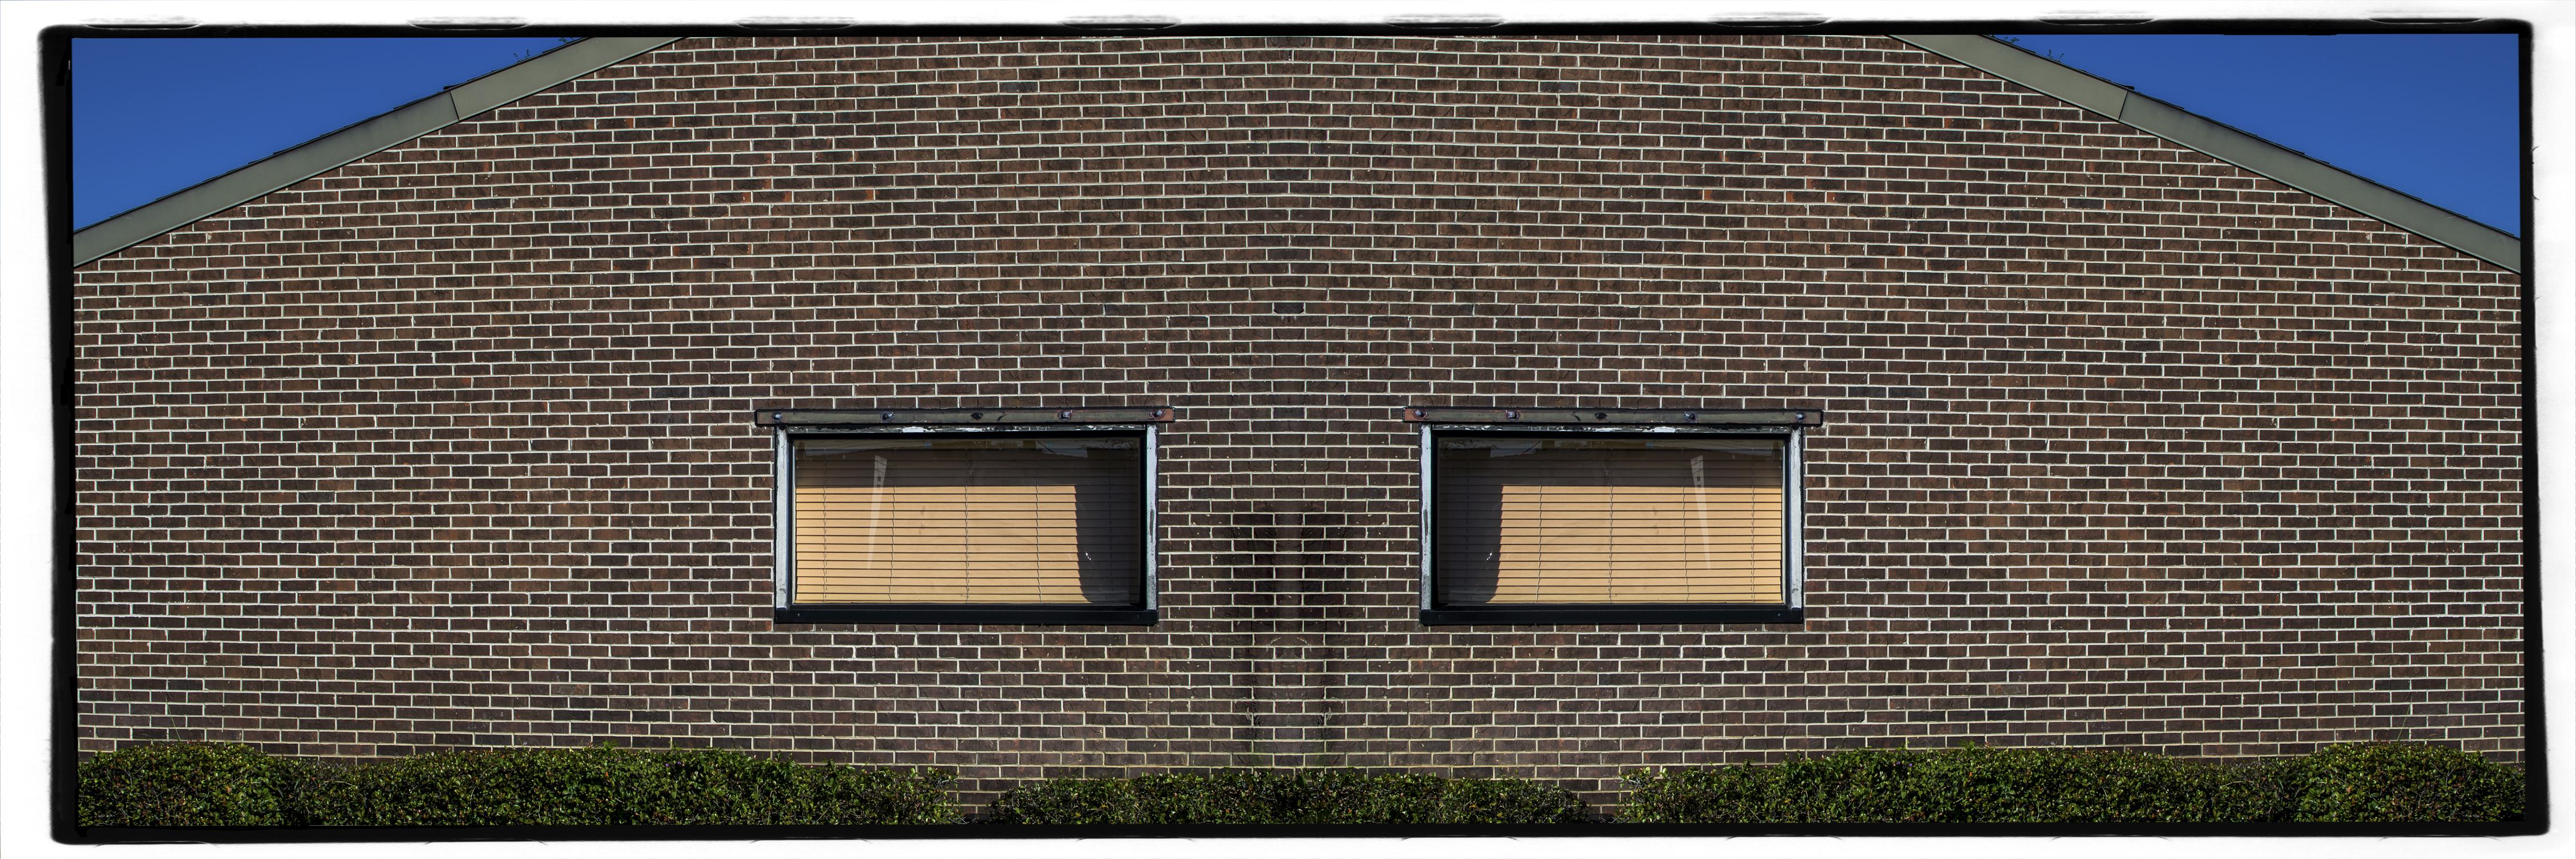 2 eyed brick house